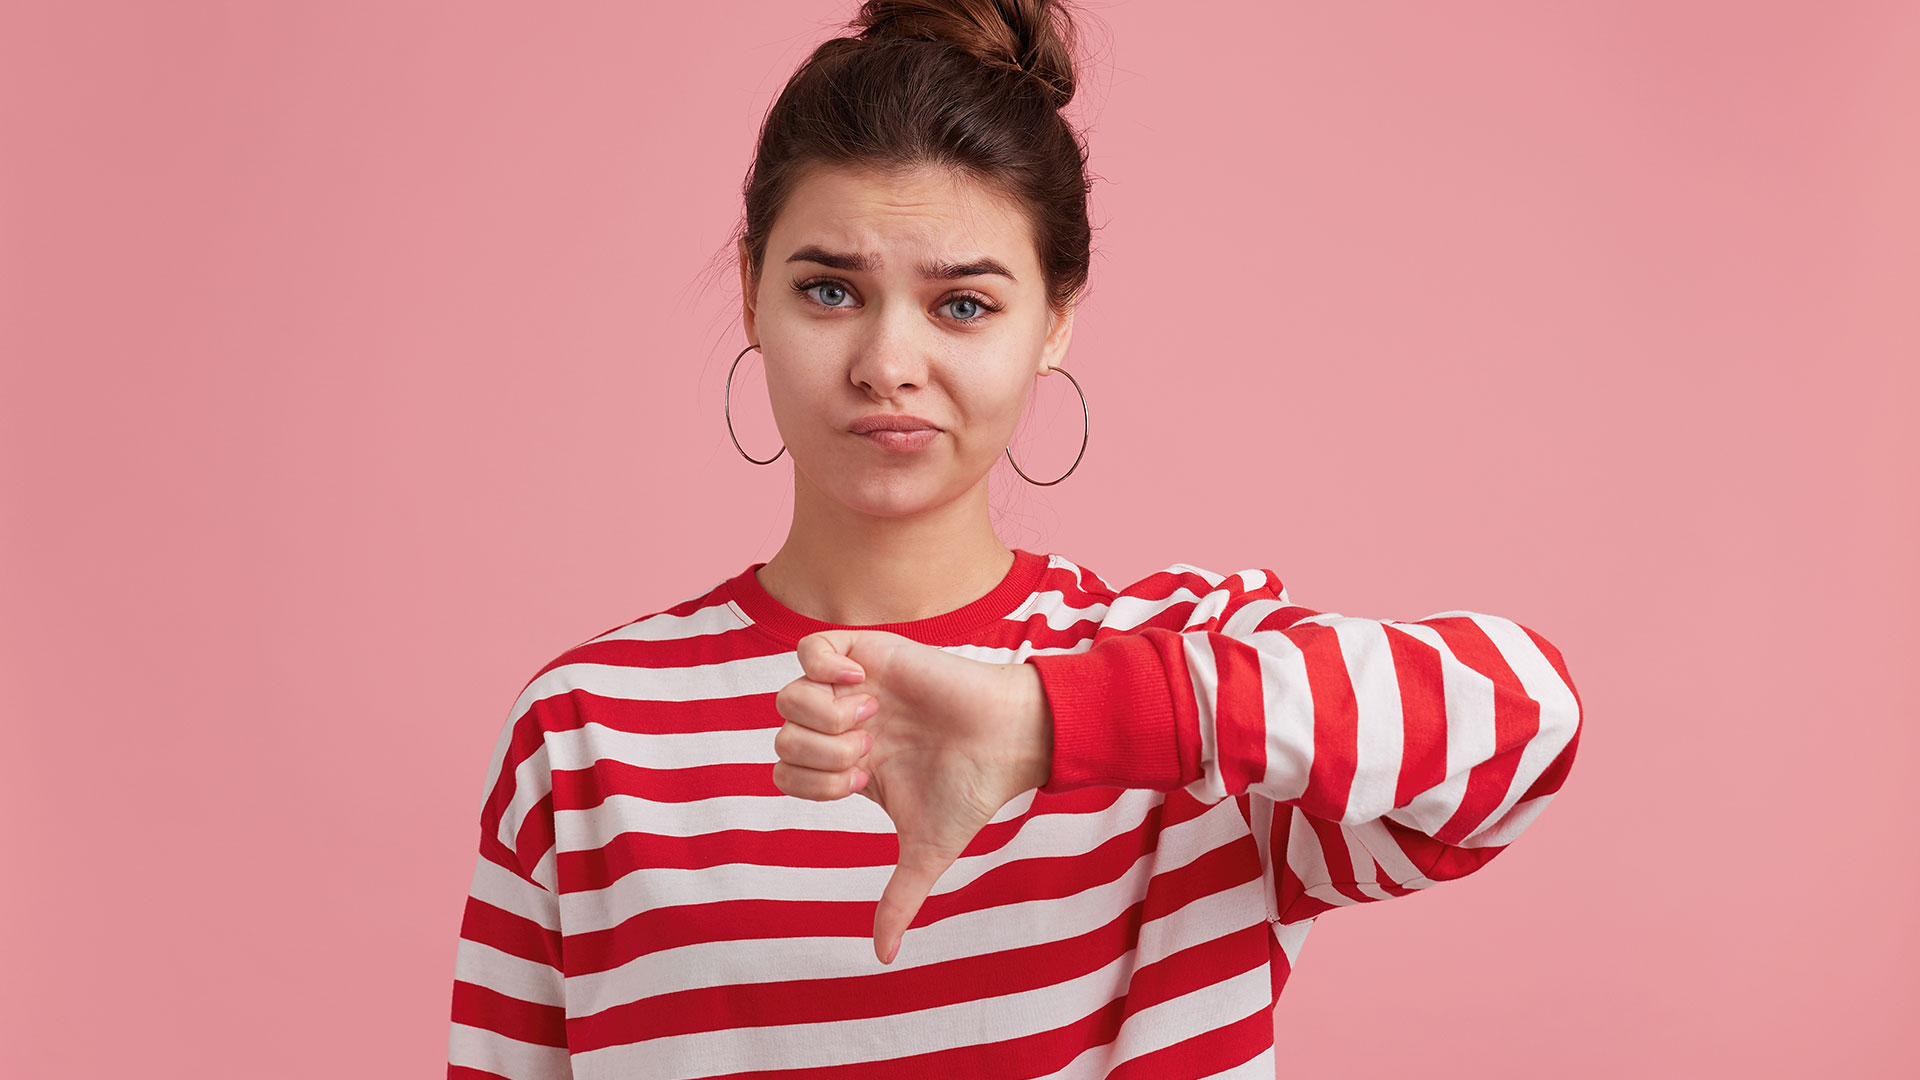 Что делать, если клиент угрожает написать отрицательный отзыв без объективных причин?